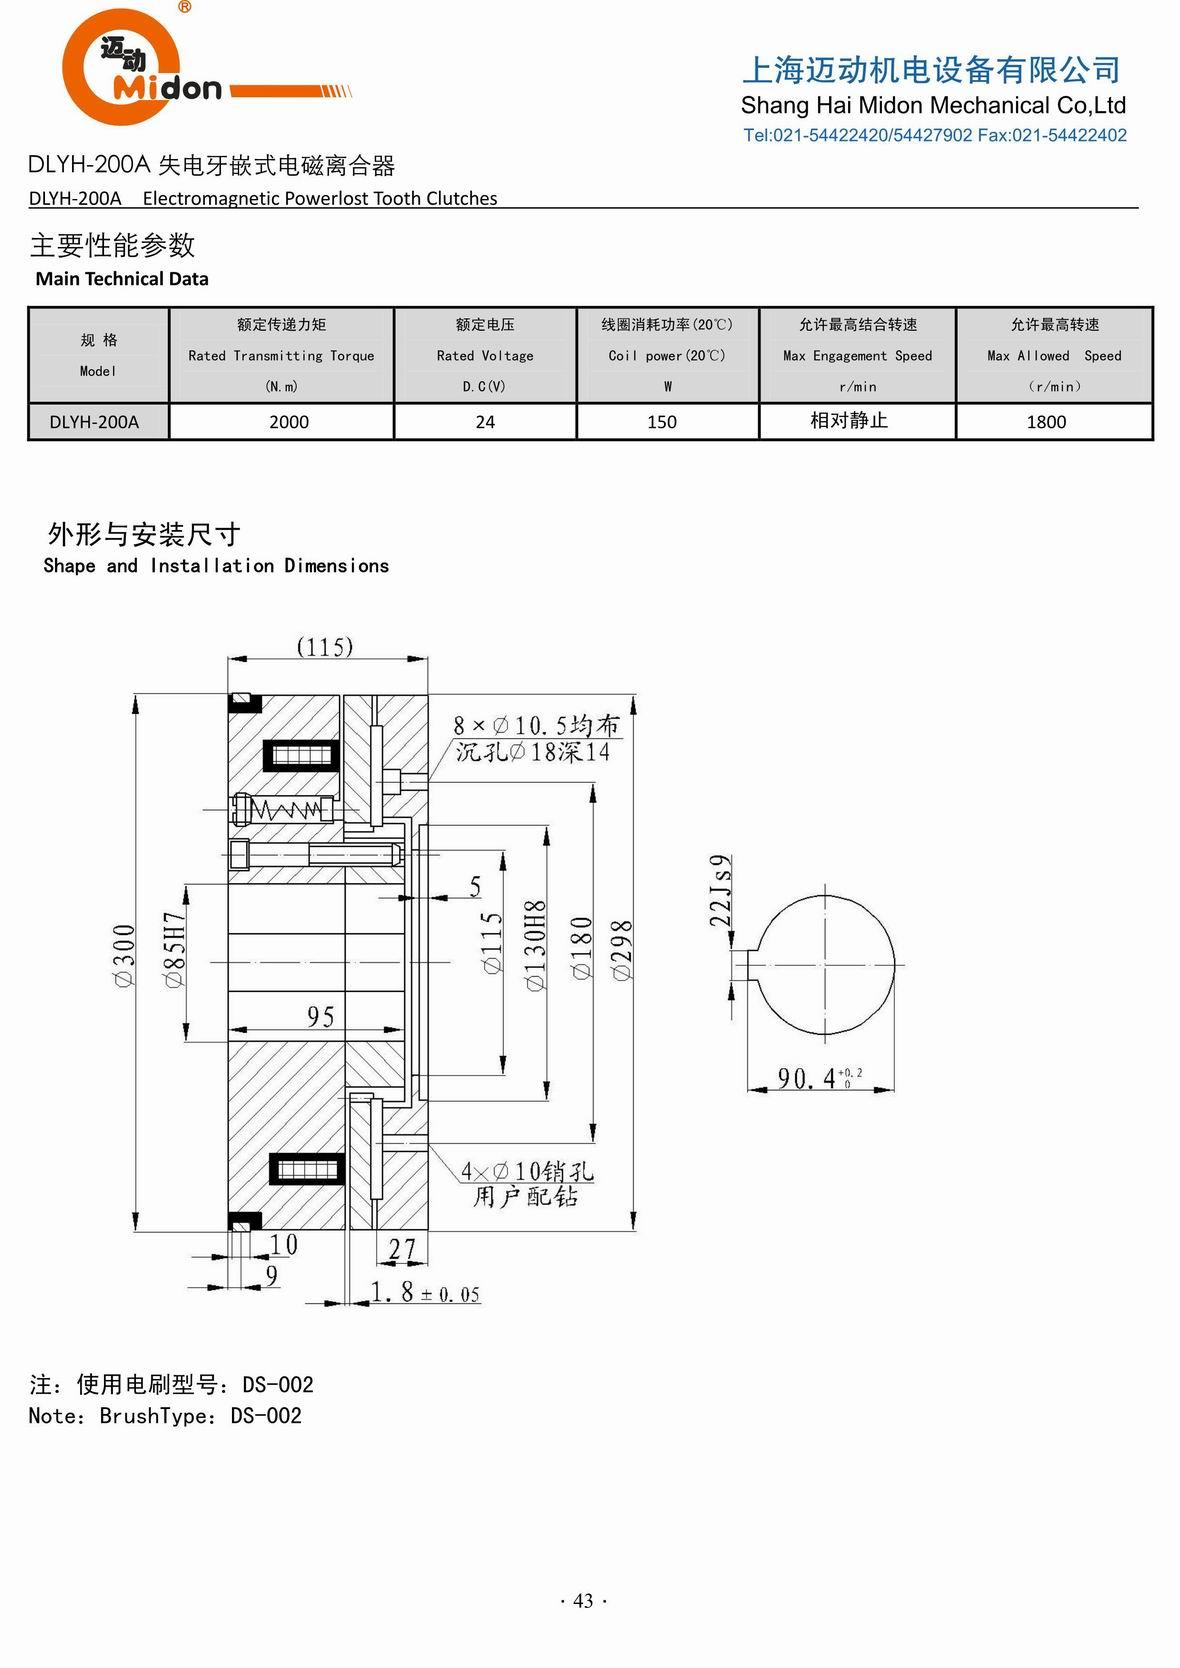 迈动离合器 - DLYH-200A 失电牙嵌式电磁离合器IMG.jpg